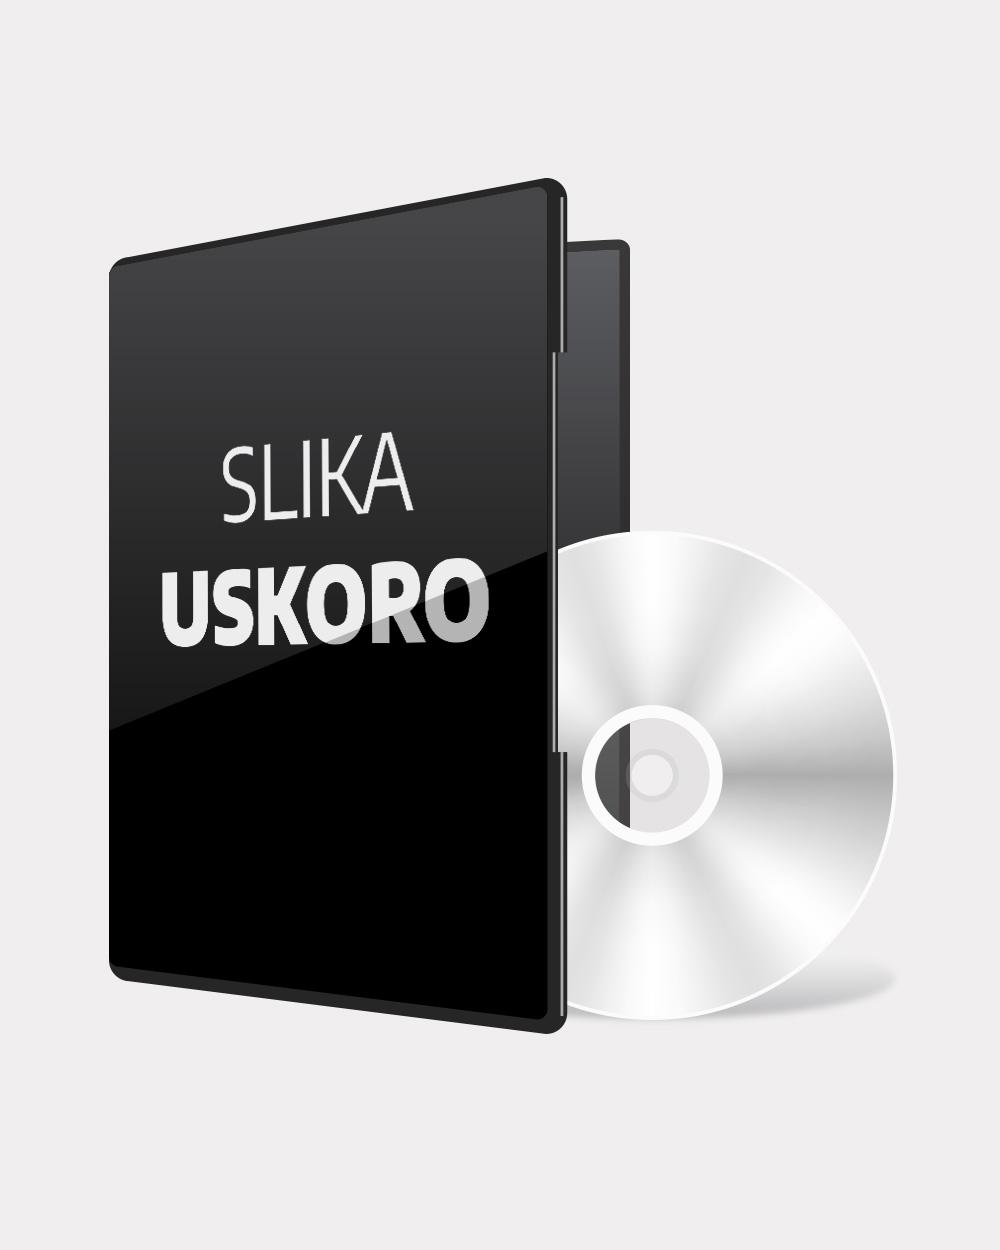 PS3 Call of Duty - Modern Warfare 2